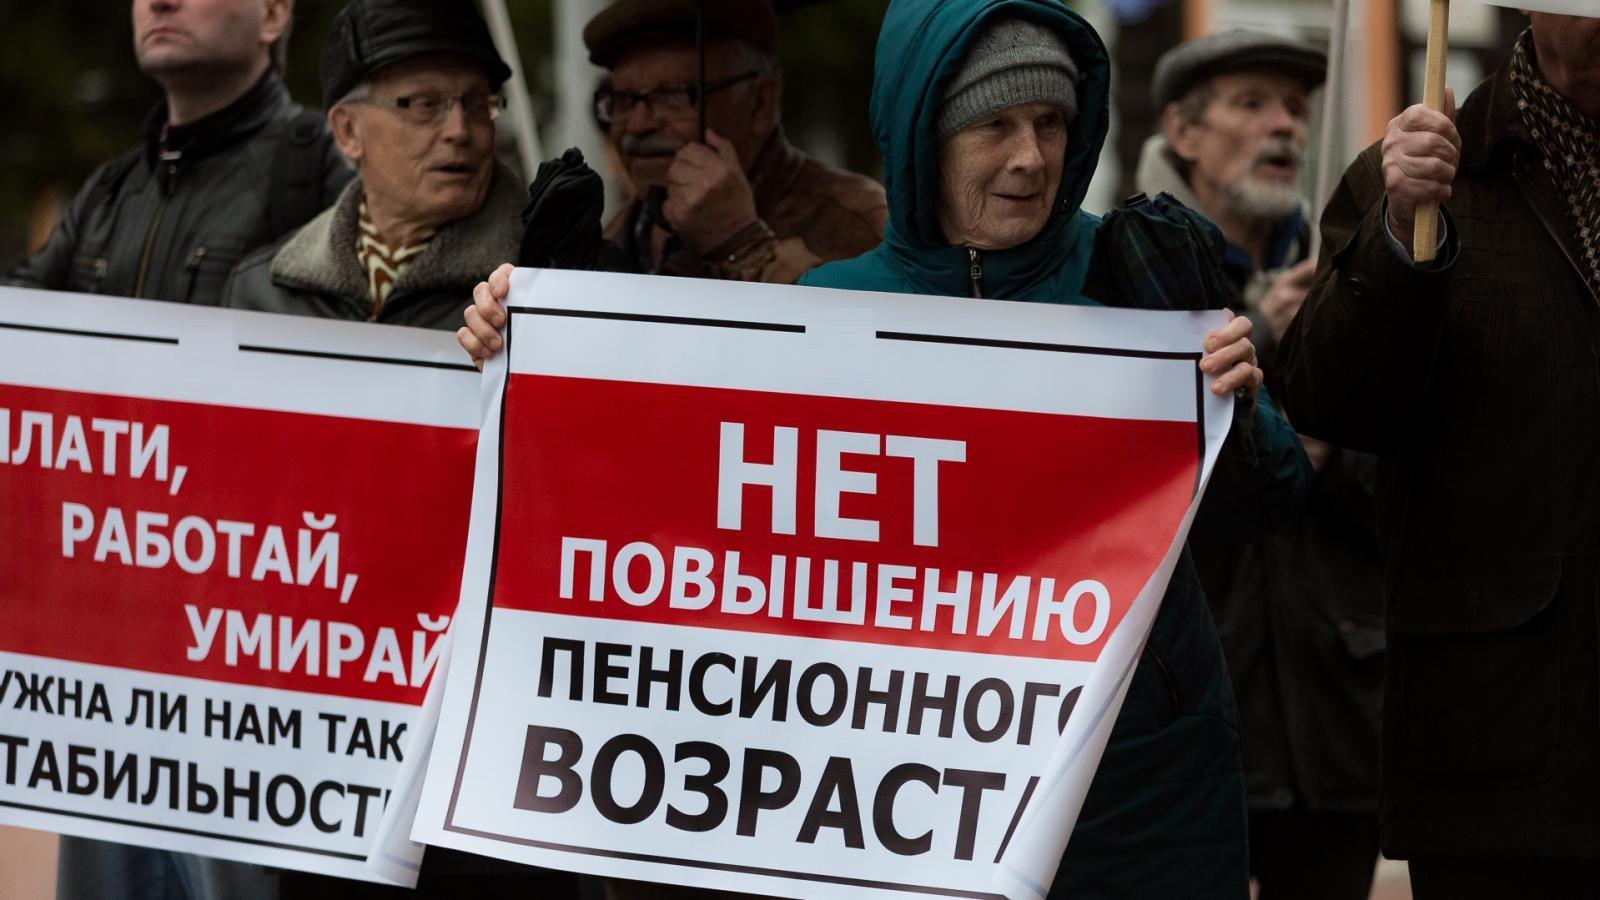 Жителям Вологды предлагают выйти на митинг против повышения пенсионного возраста